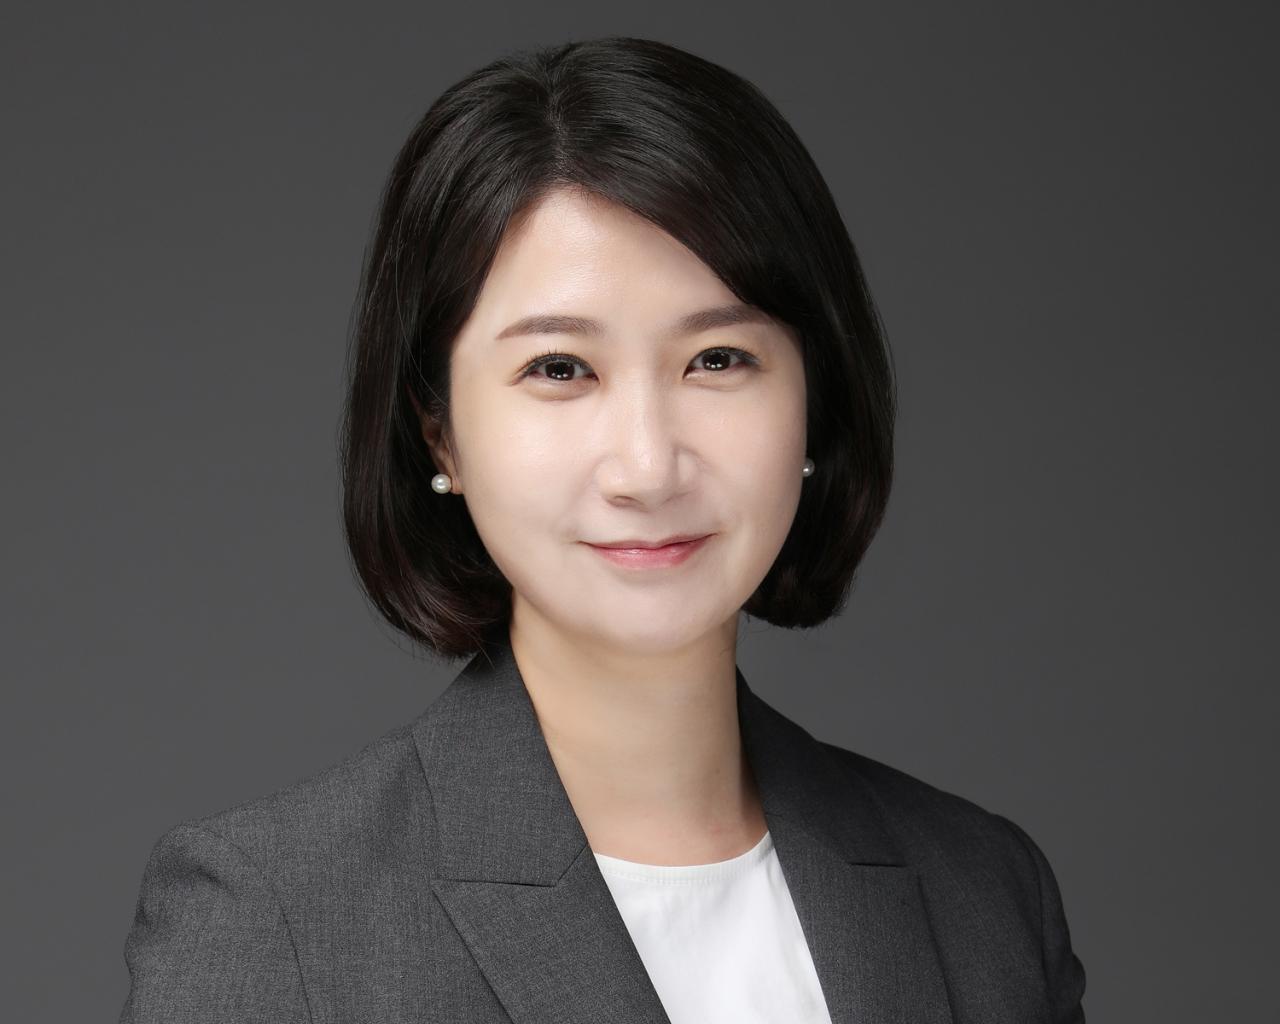 Lee Yeon-woo